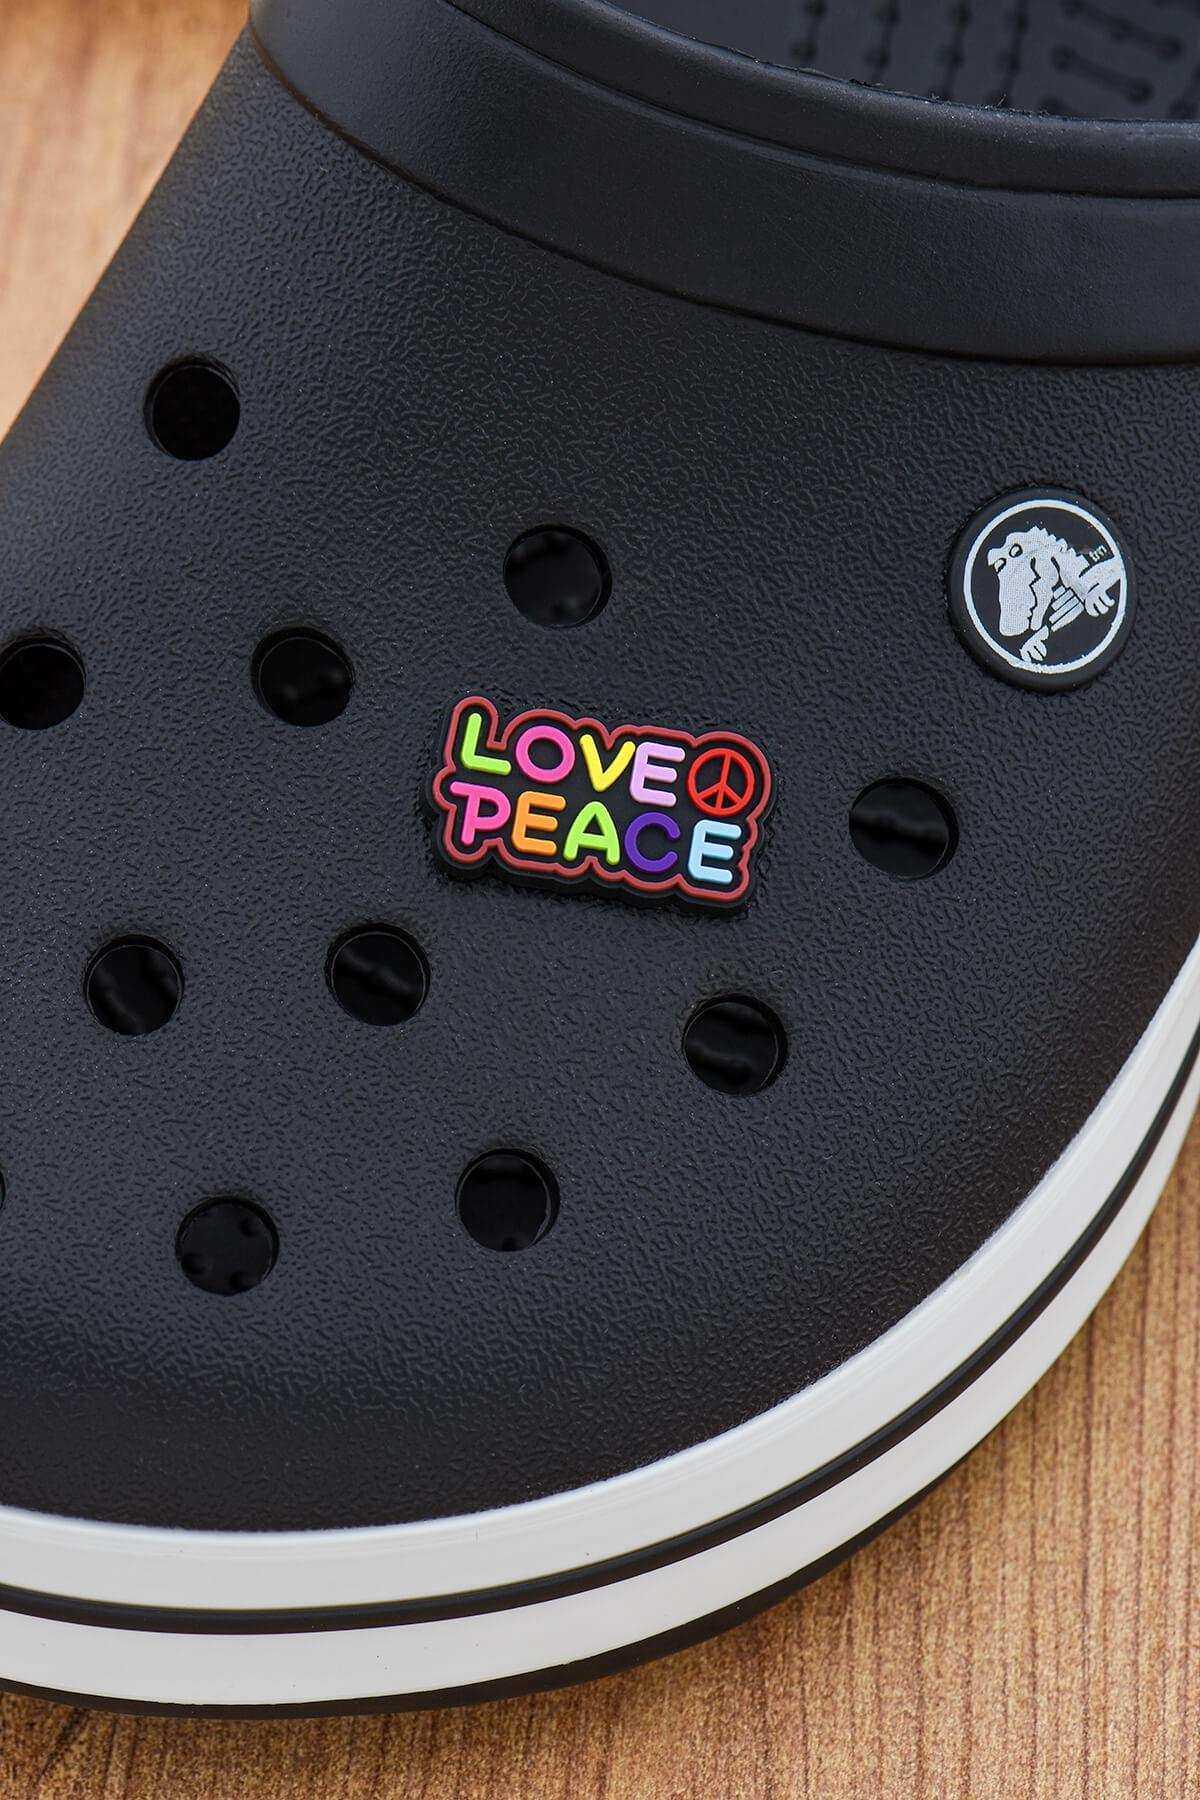 Barış Peace Crocs Süsü Bileklik Terlik Süsü Charm Terlik Aksesuarı - CRS0131